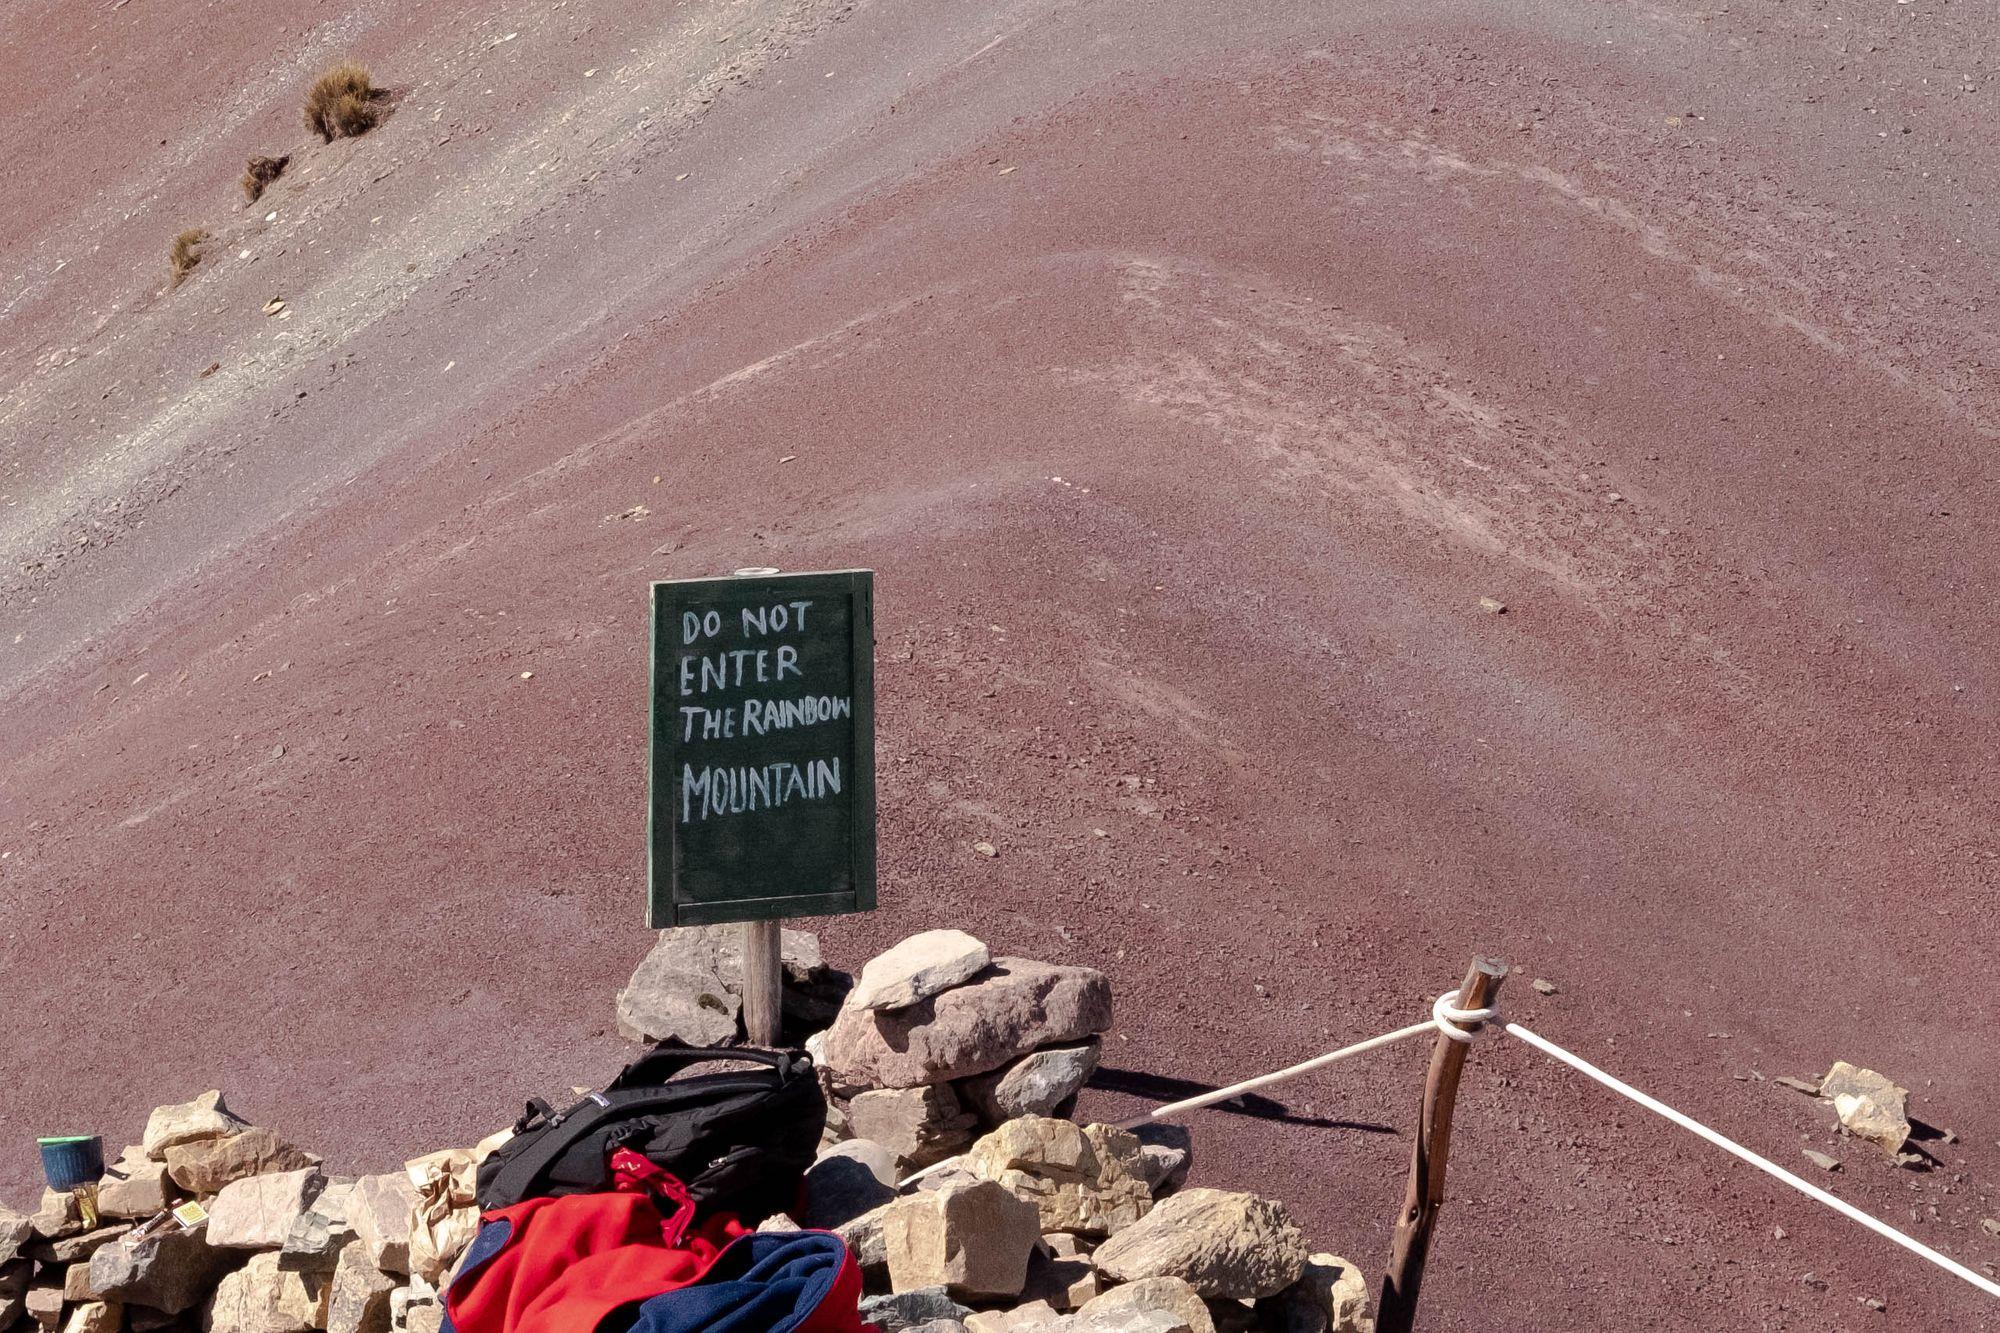 Do not enter the Rainbow Mountain sign.